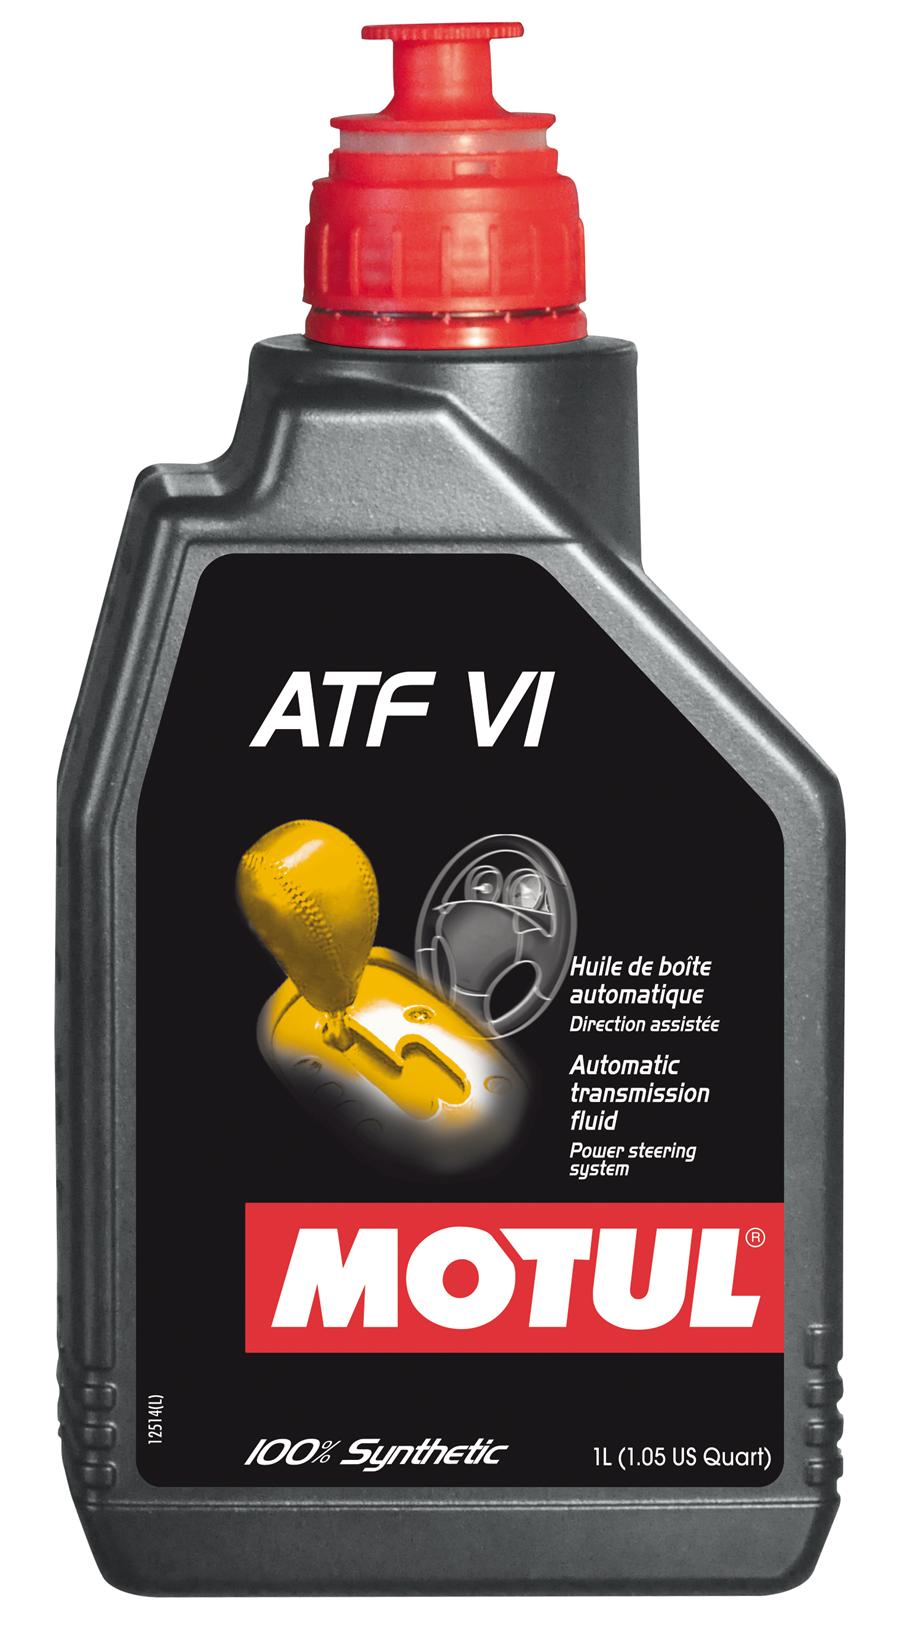 Motul ATF VI Синтетическая жидкость для АКПП